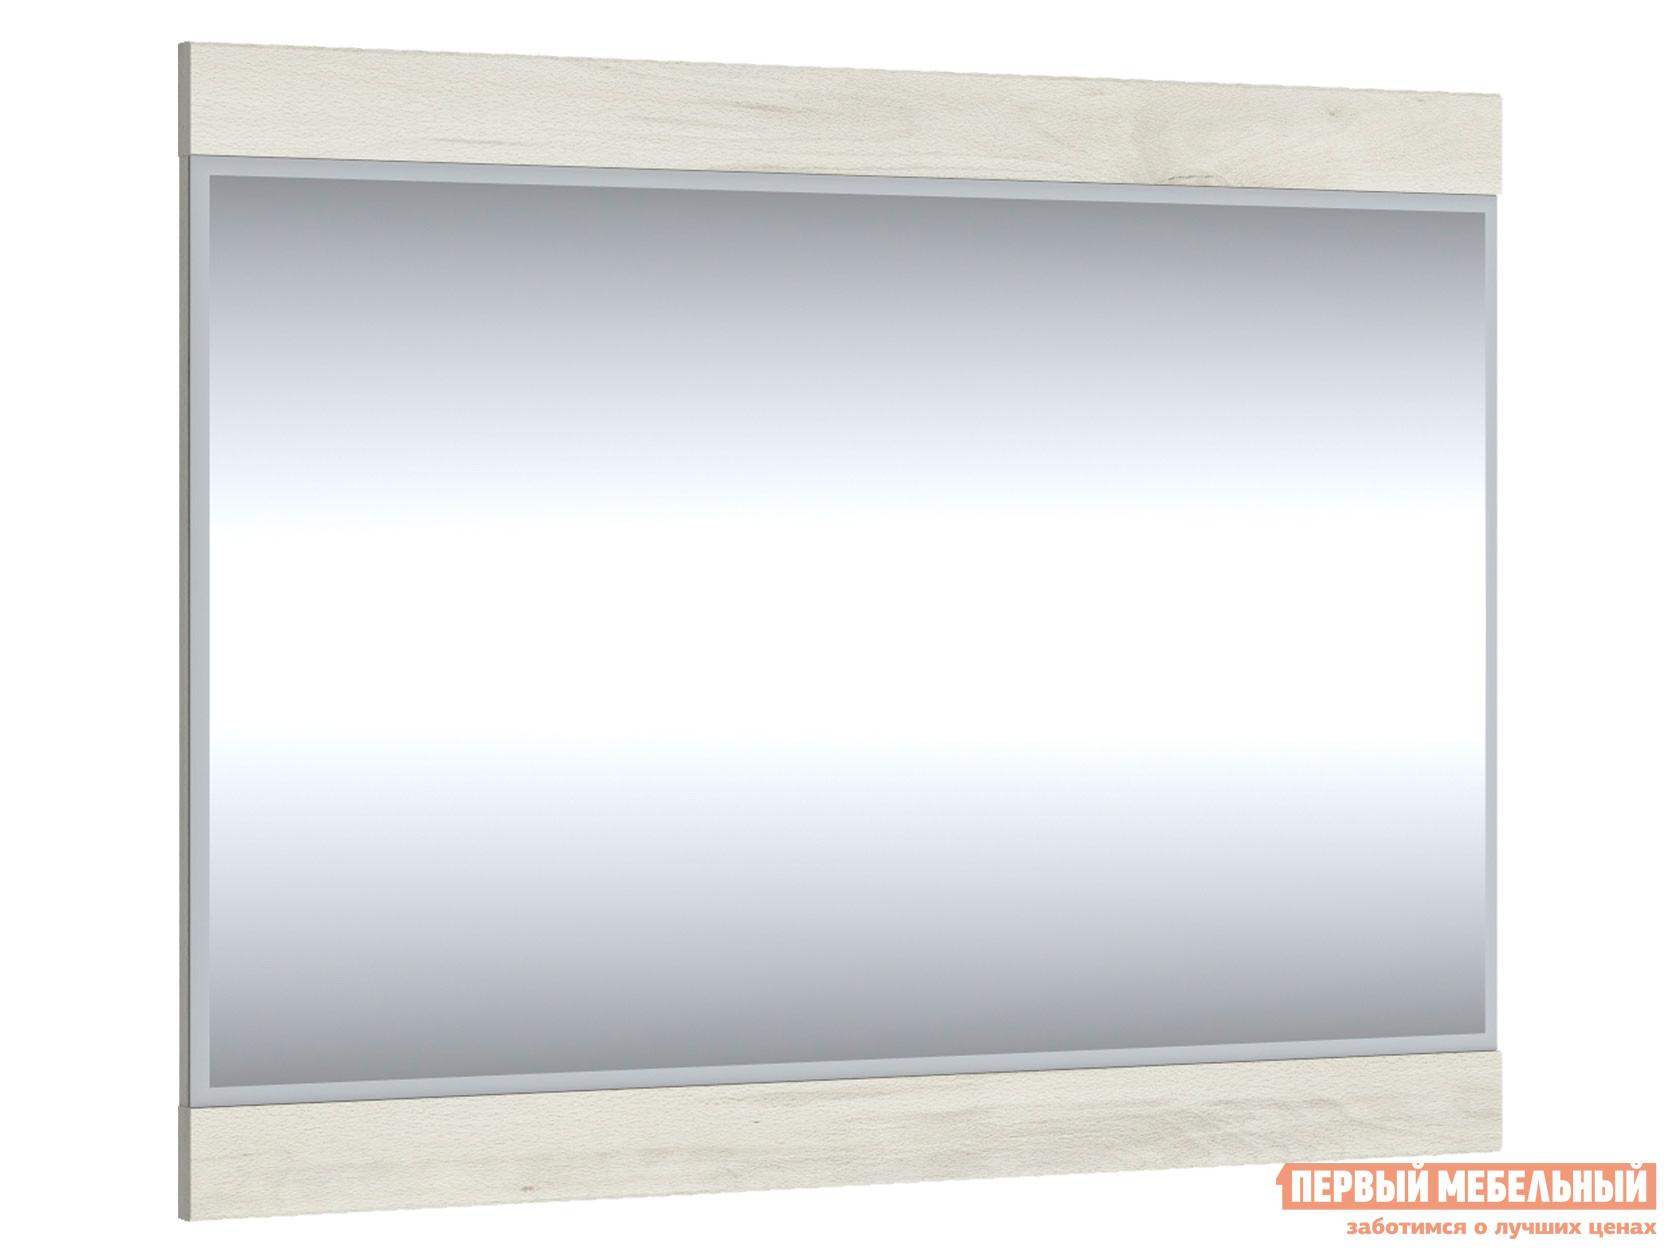 Настенное зеркало Первый Мебельный Зеркало Бьерк 80х62 / Зеркало Бьерк 120х80